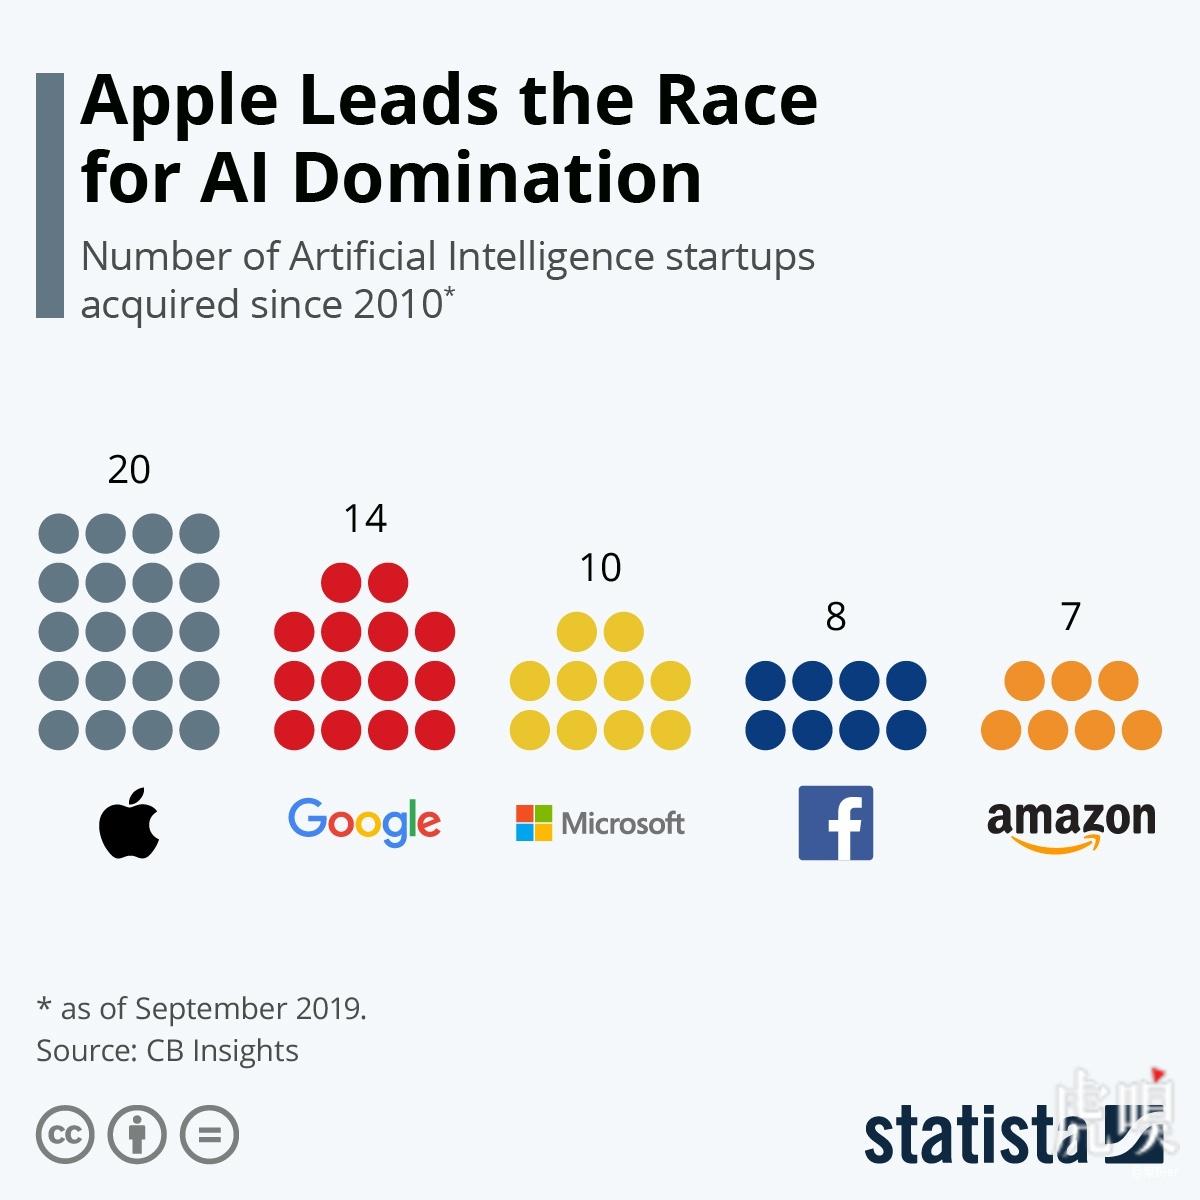 自2010年以來 蘋果公司累計收購20家人工智能公司-快訊-億邦動力網